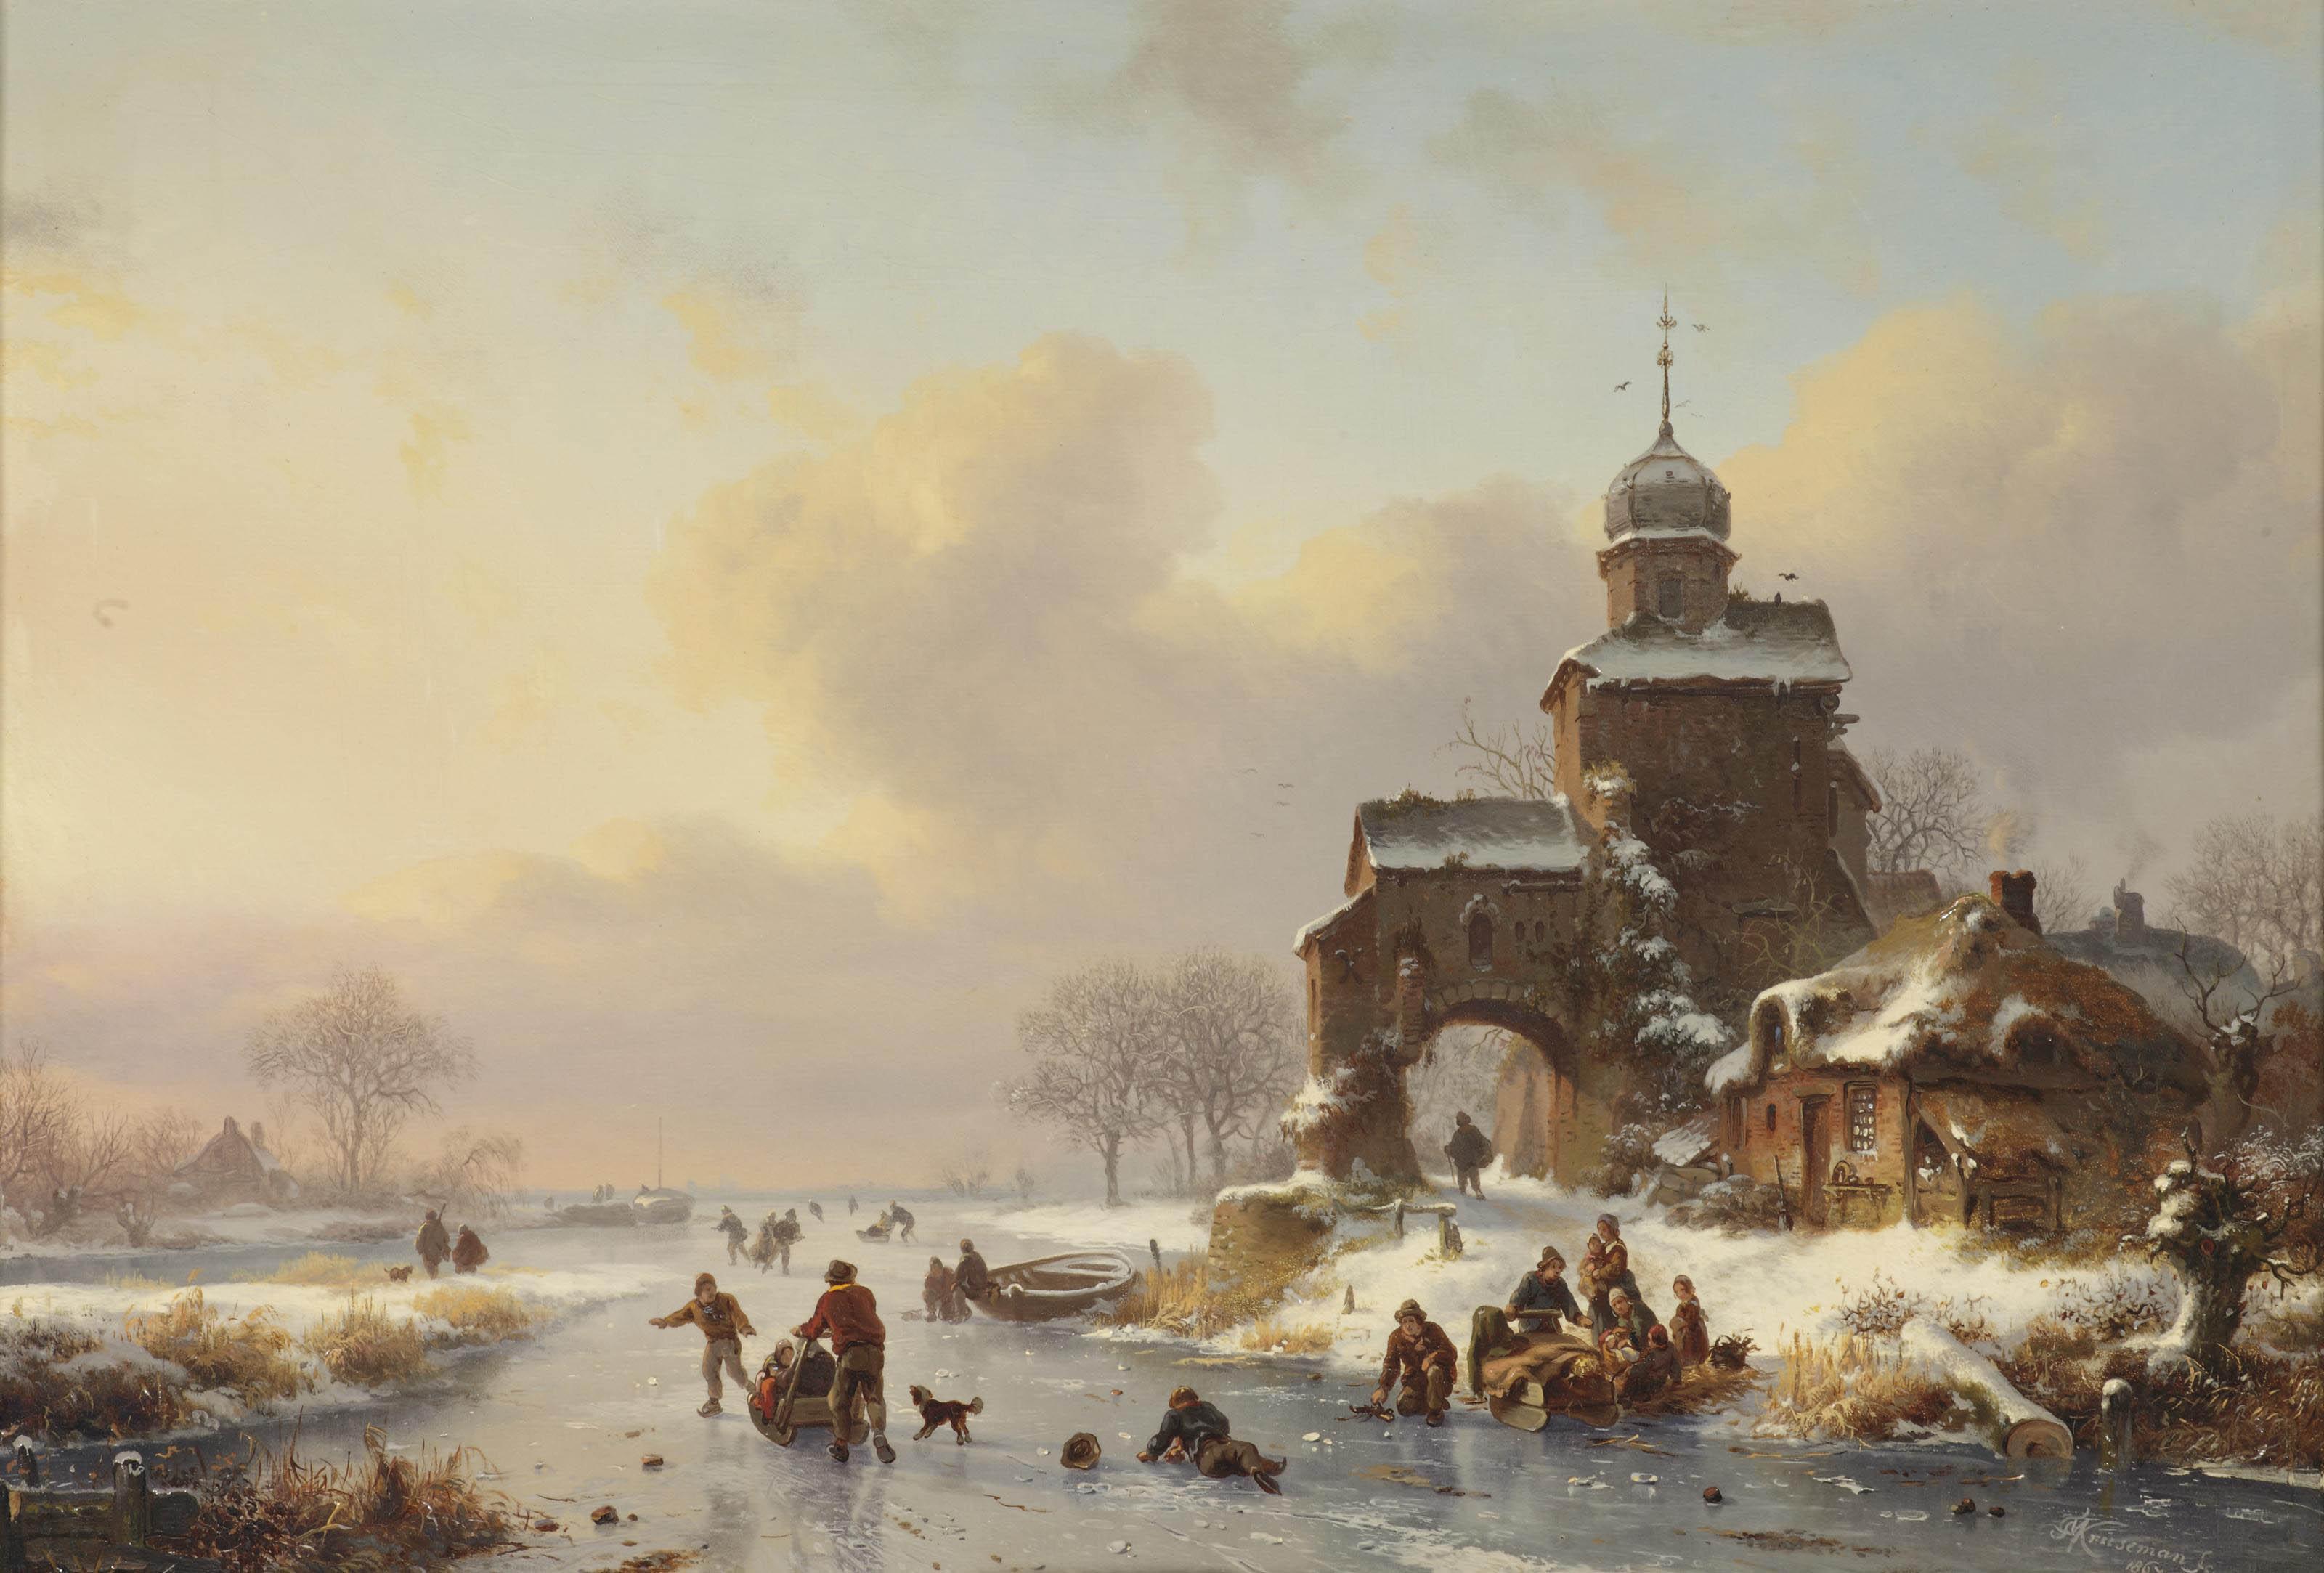 Skaters on a frozen waterway near a castle